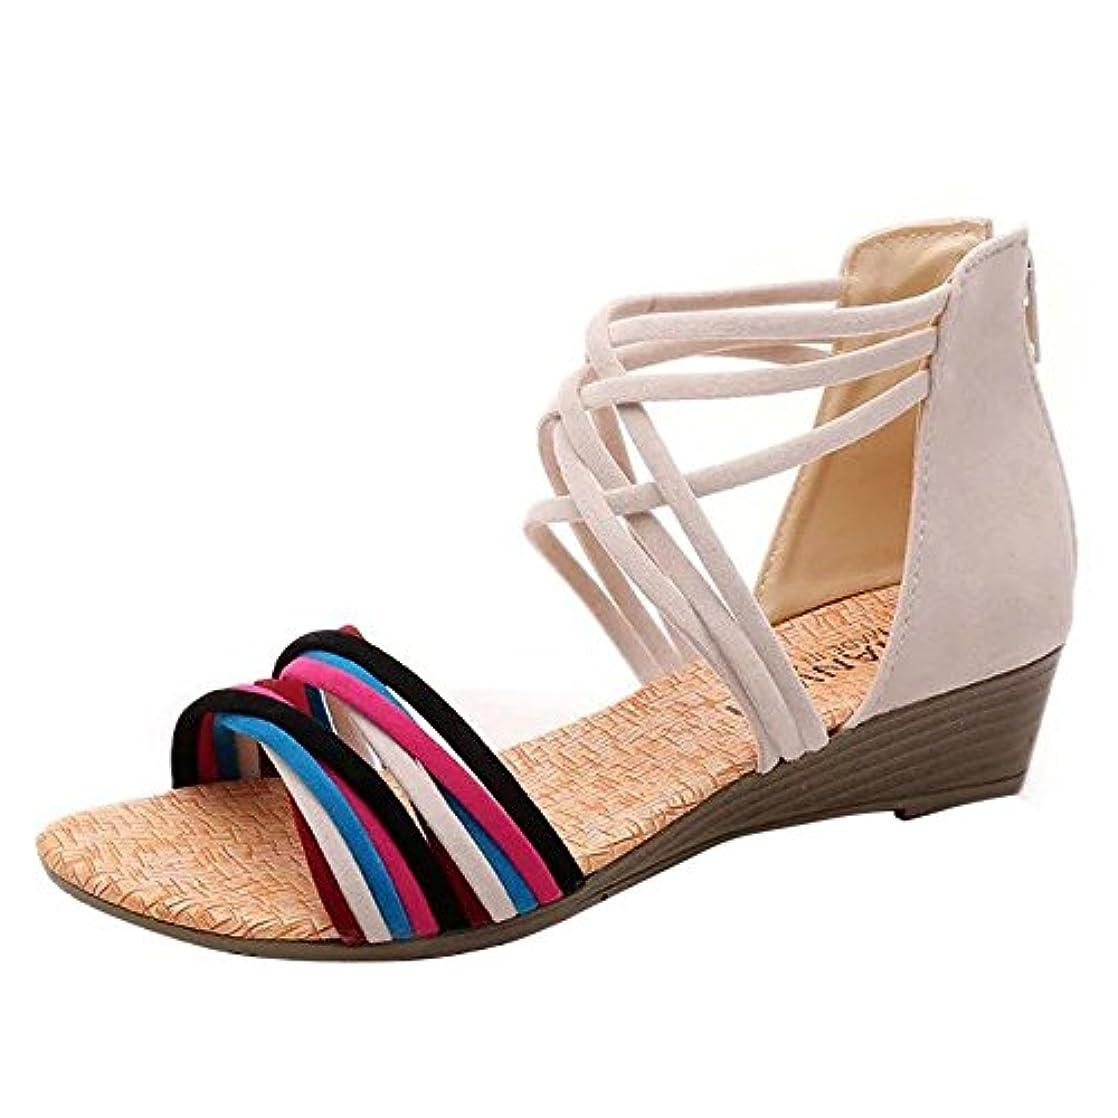 [シューズ Foreted] サンダル フラット アンクルストラップ 美脚 ローヒール おしゃれ 夏 歩きやすい コンフォート ウェッジソール ぺたんこ靴 可愛い フォーマル